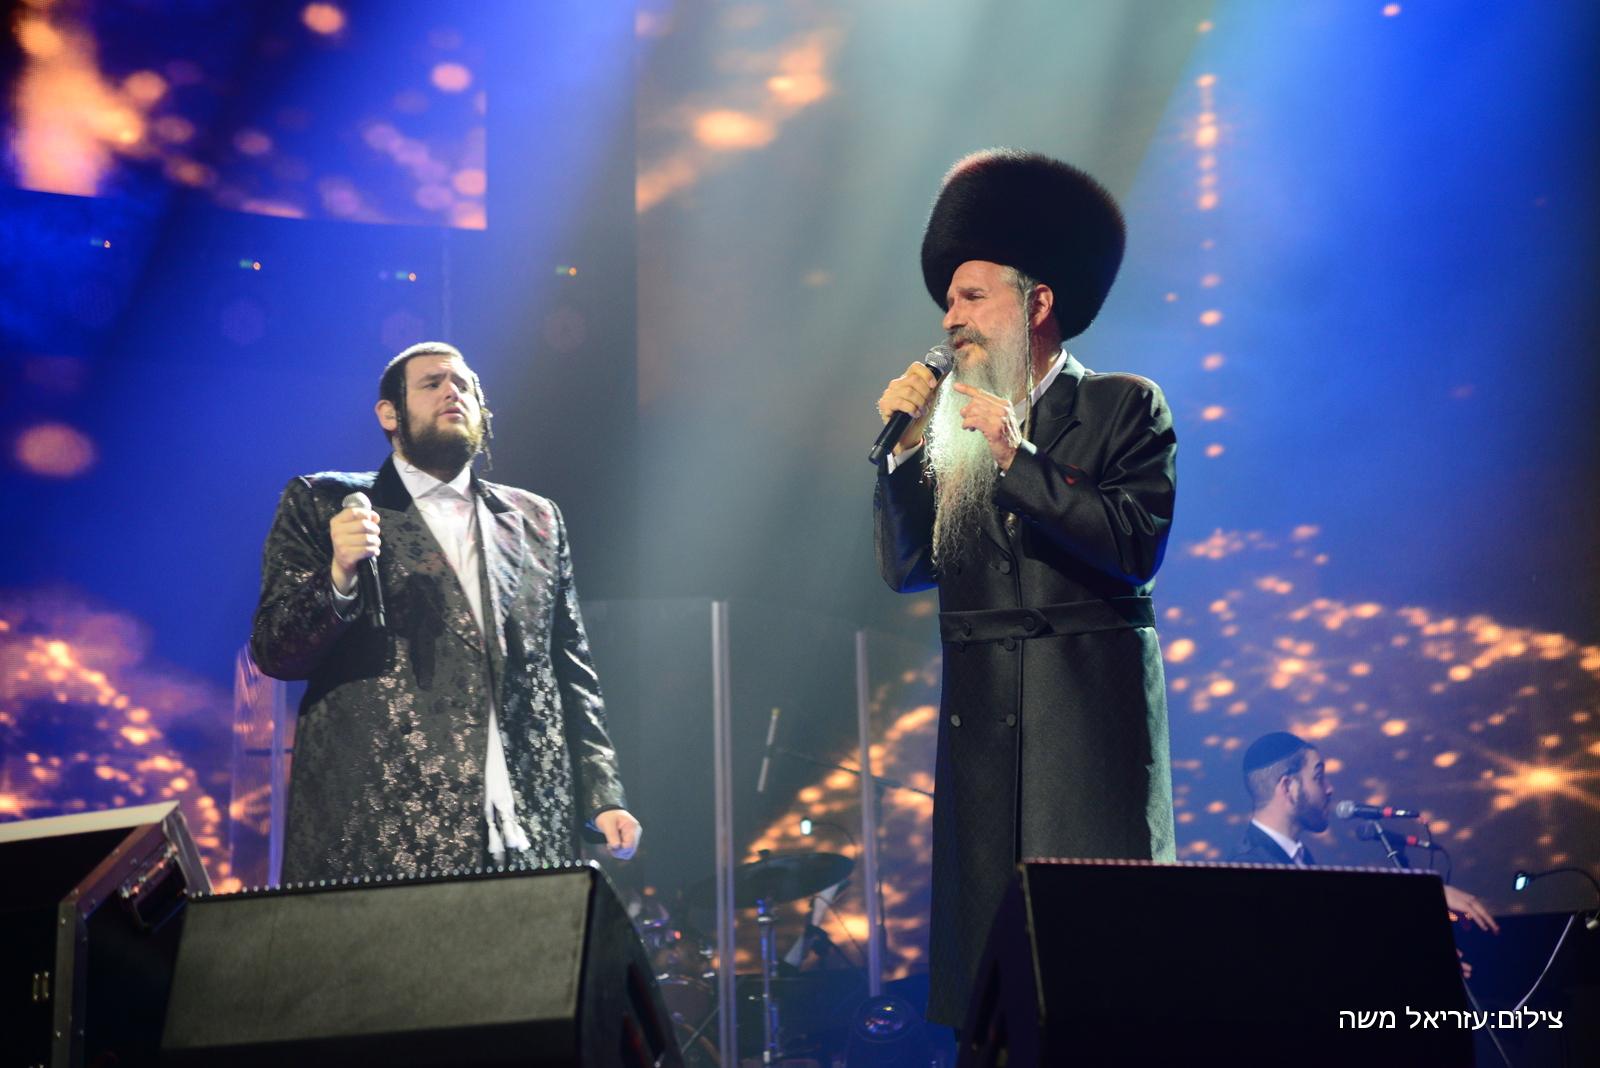 מרדכי בן דוד שמילי אונגר